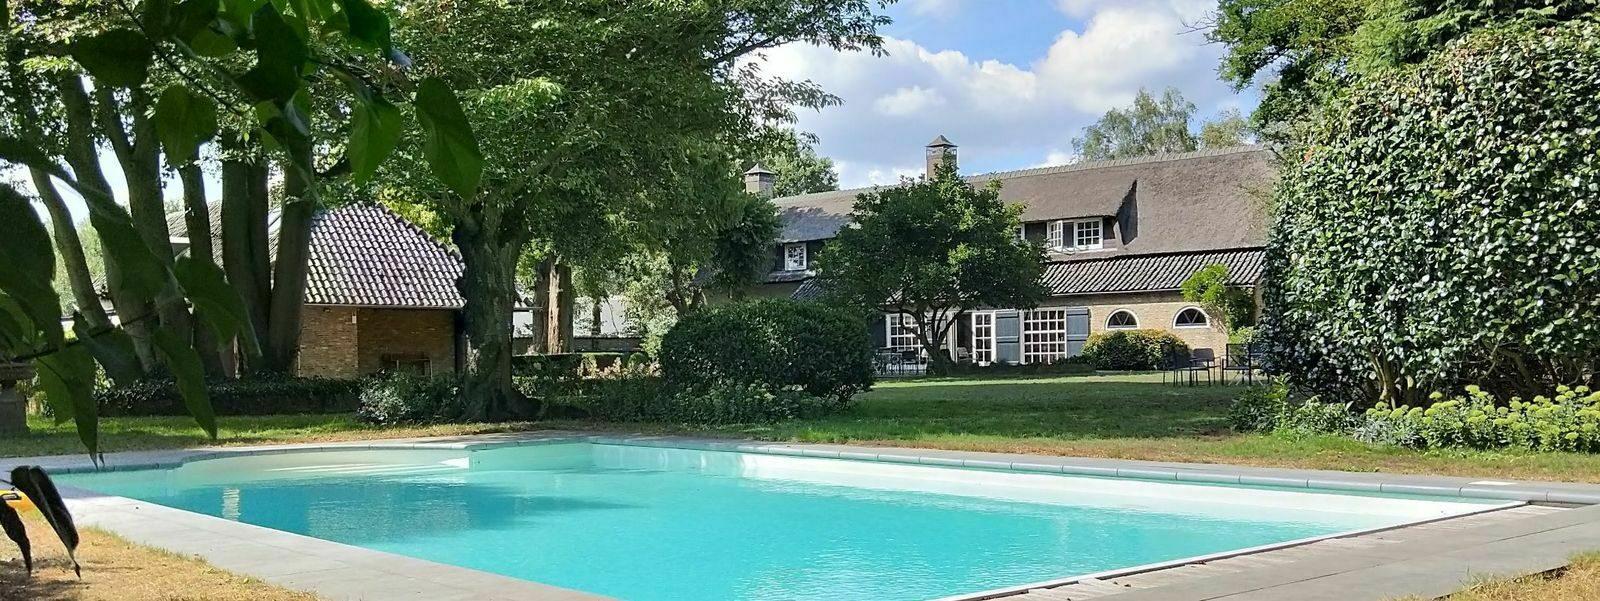 5x vakantiehuizen met zwembad of zwemvijver in Nederland